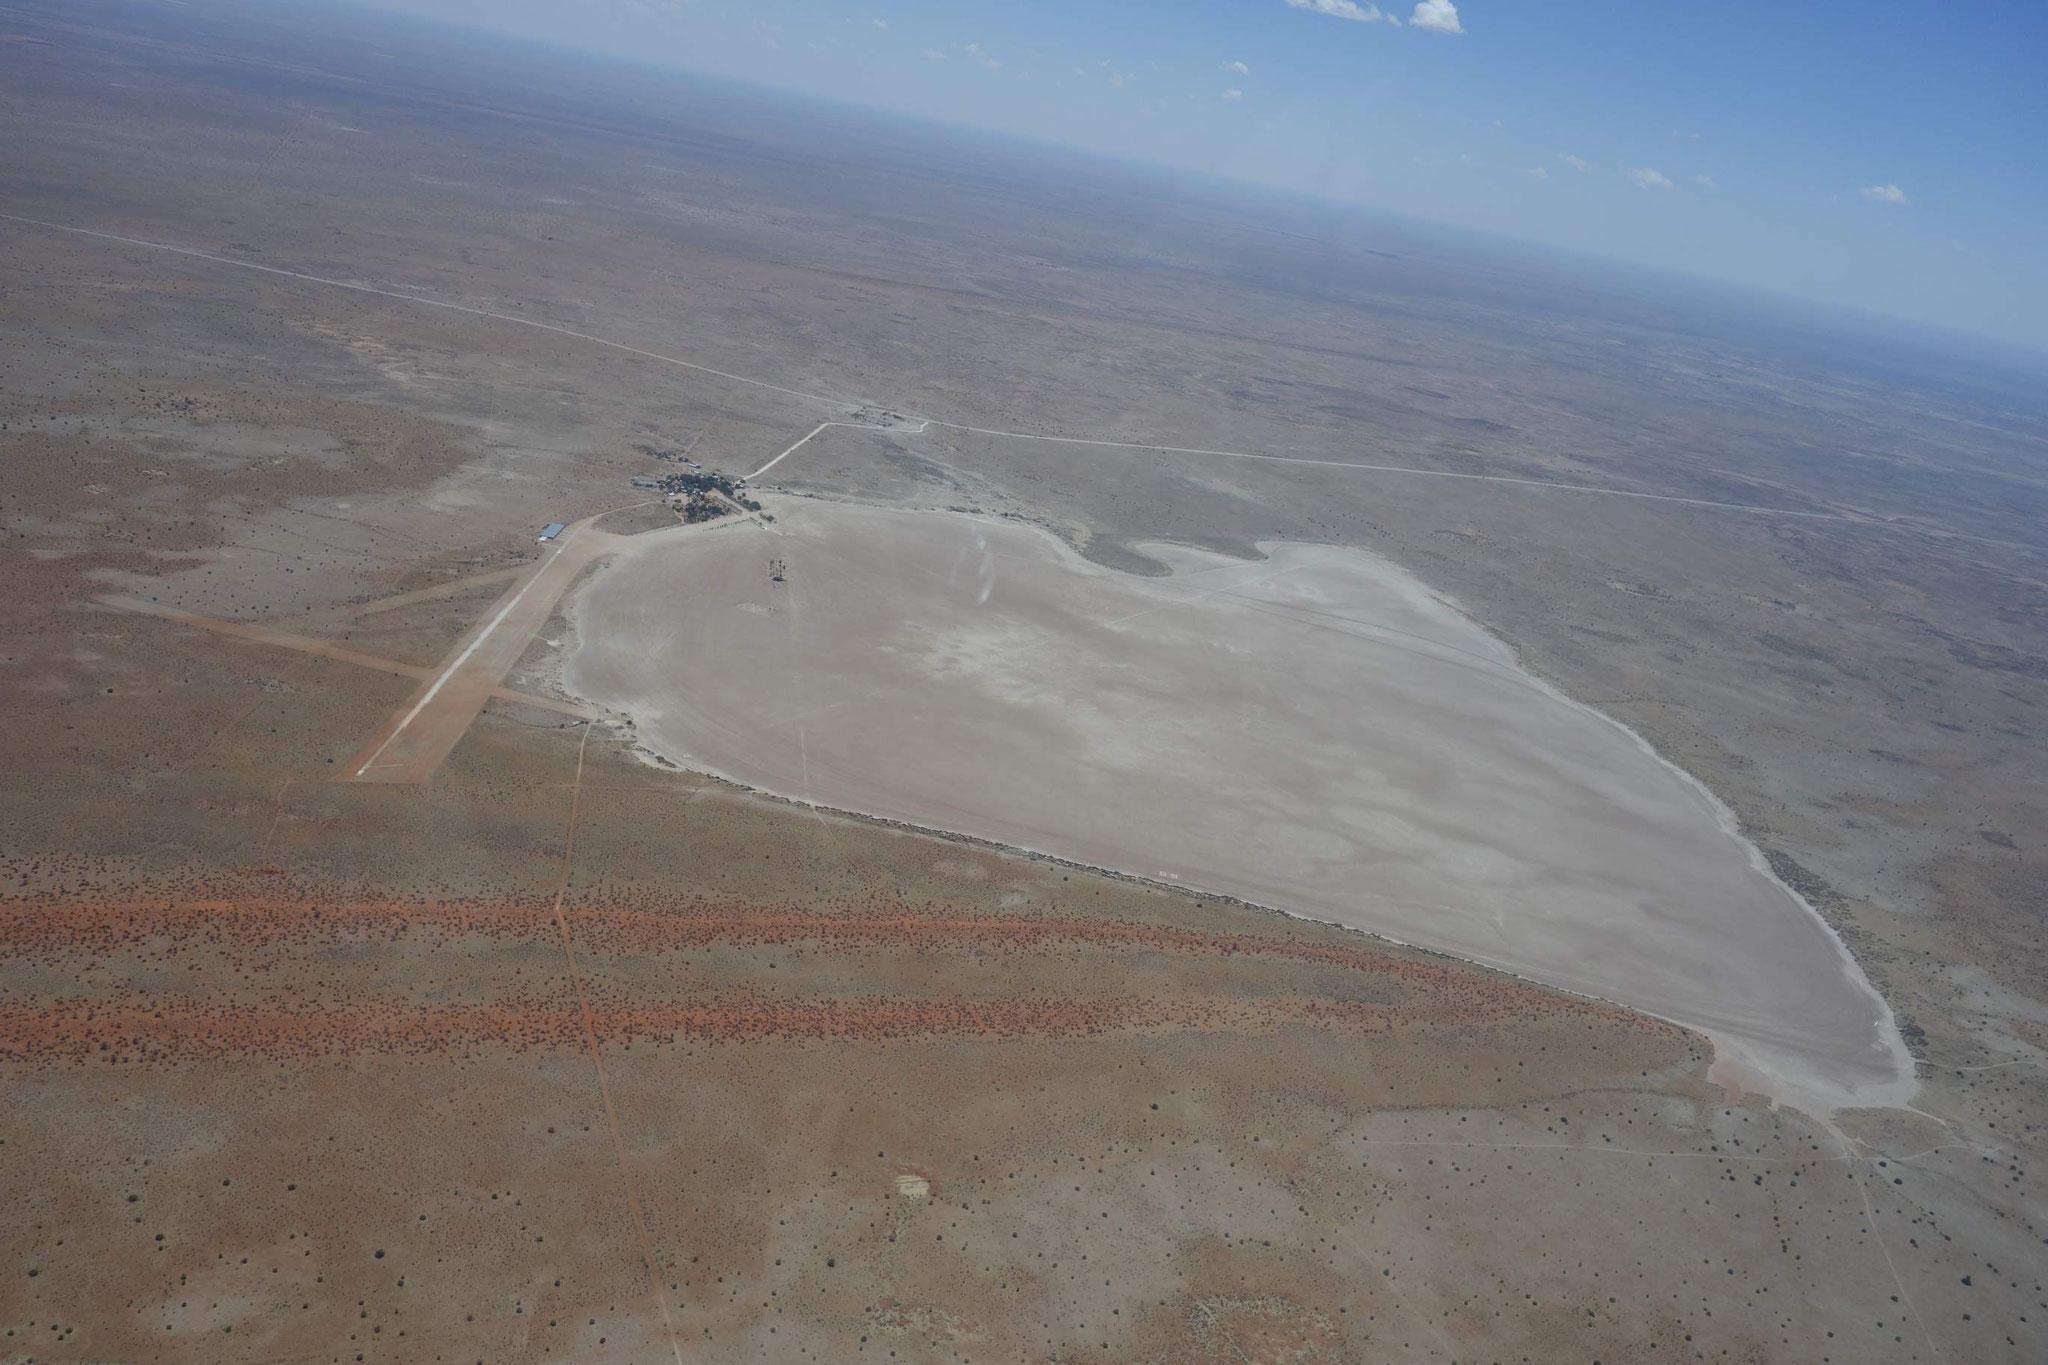 Flugplatz Bitterwasser, Start und Landung in fast alle Richtungen möglich